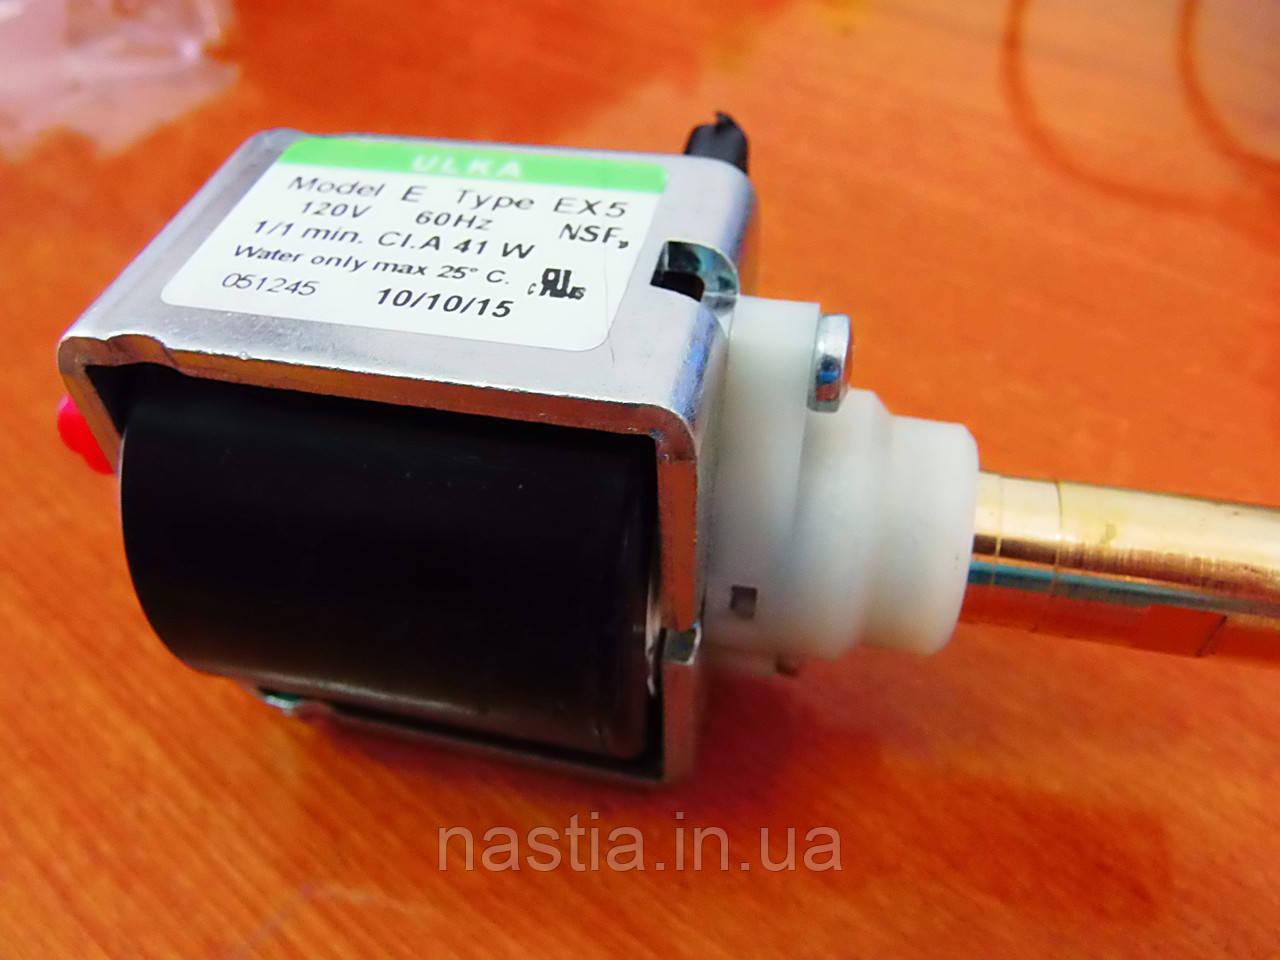 Помпа Ulka латунь EX5, 120V, 60Hz, 41W